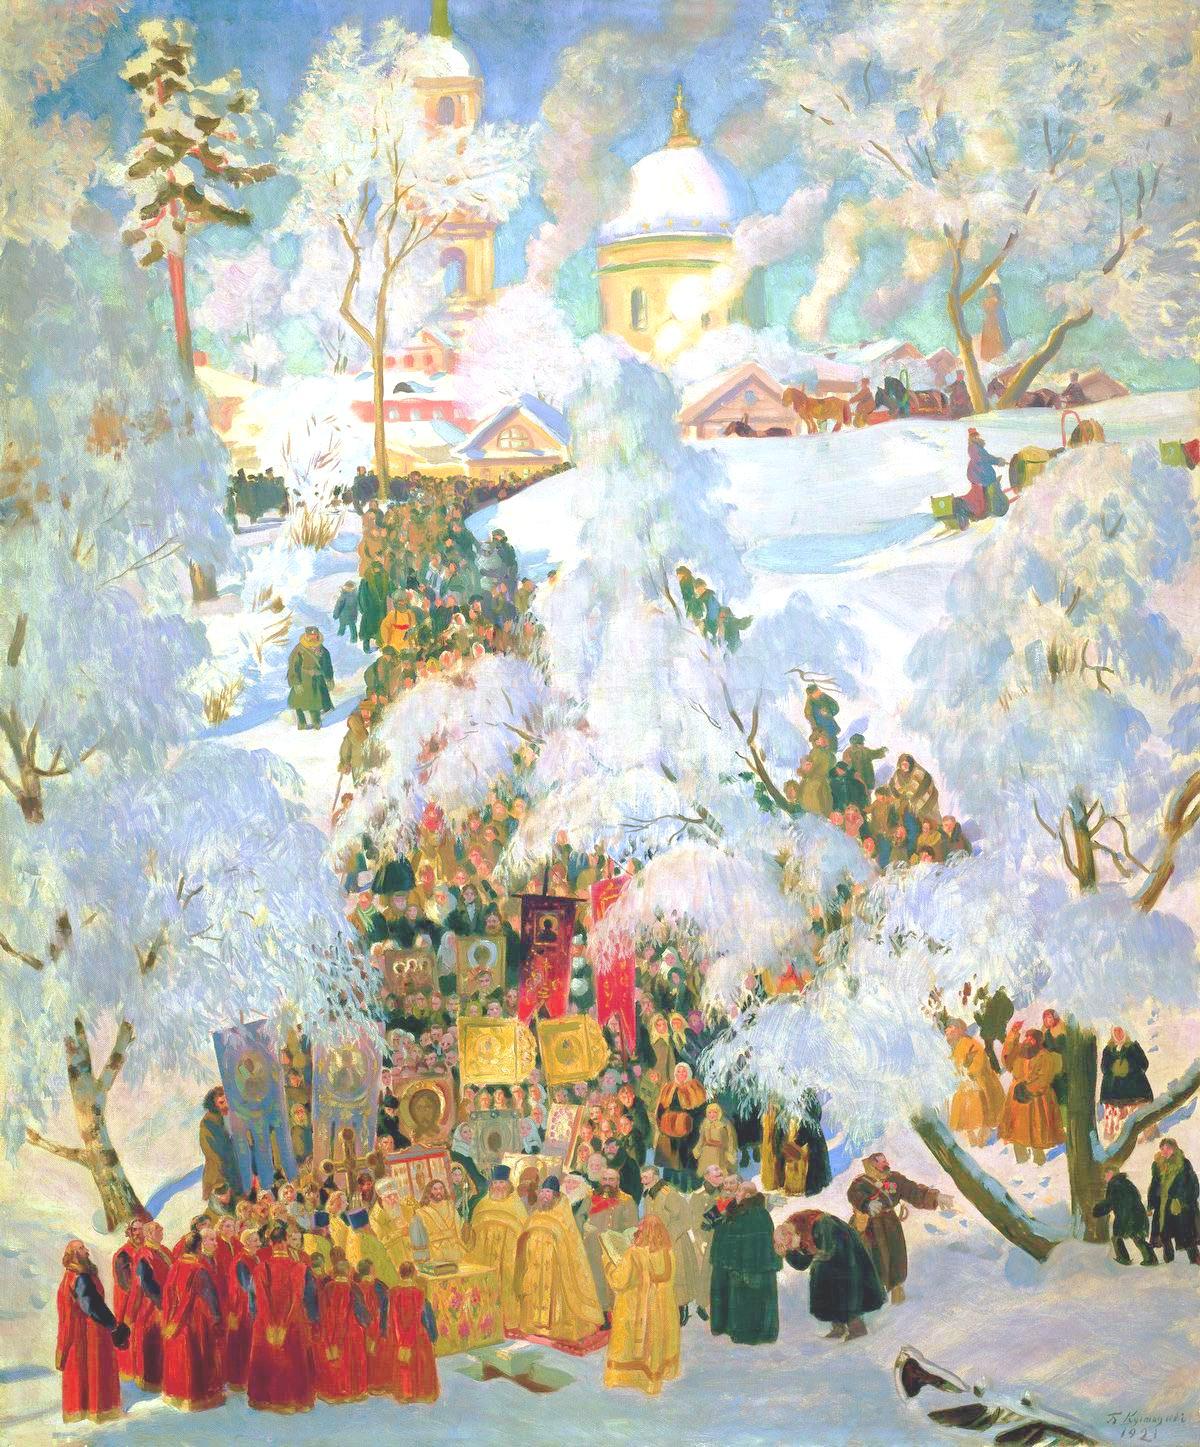 Борис Михайлович Кустодиев 1878-1927